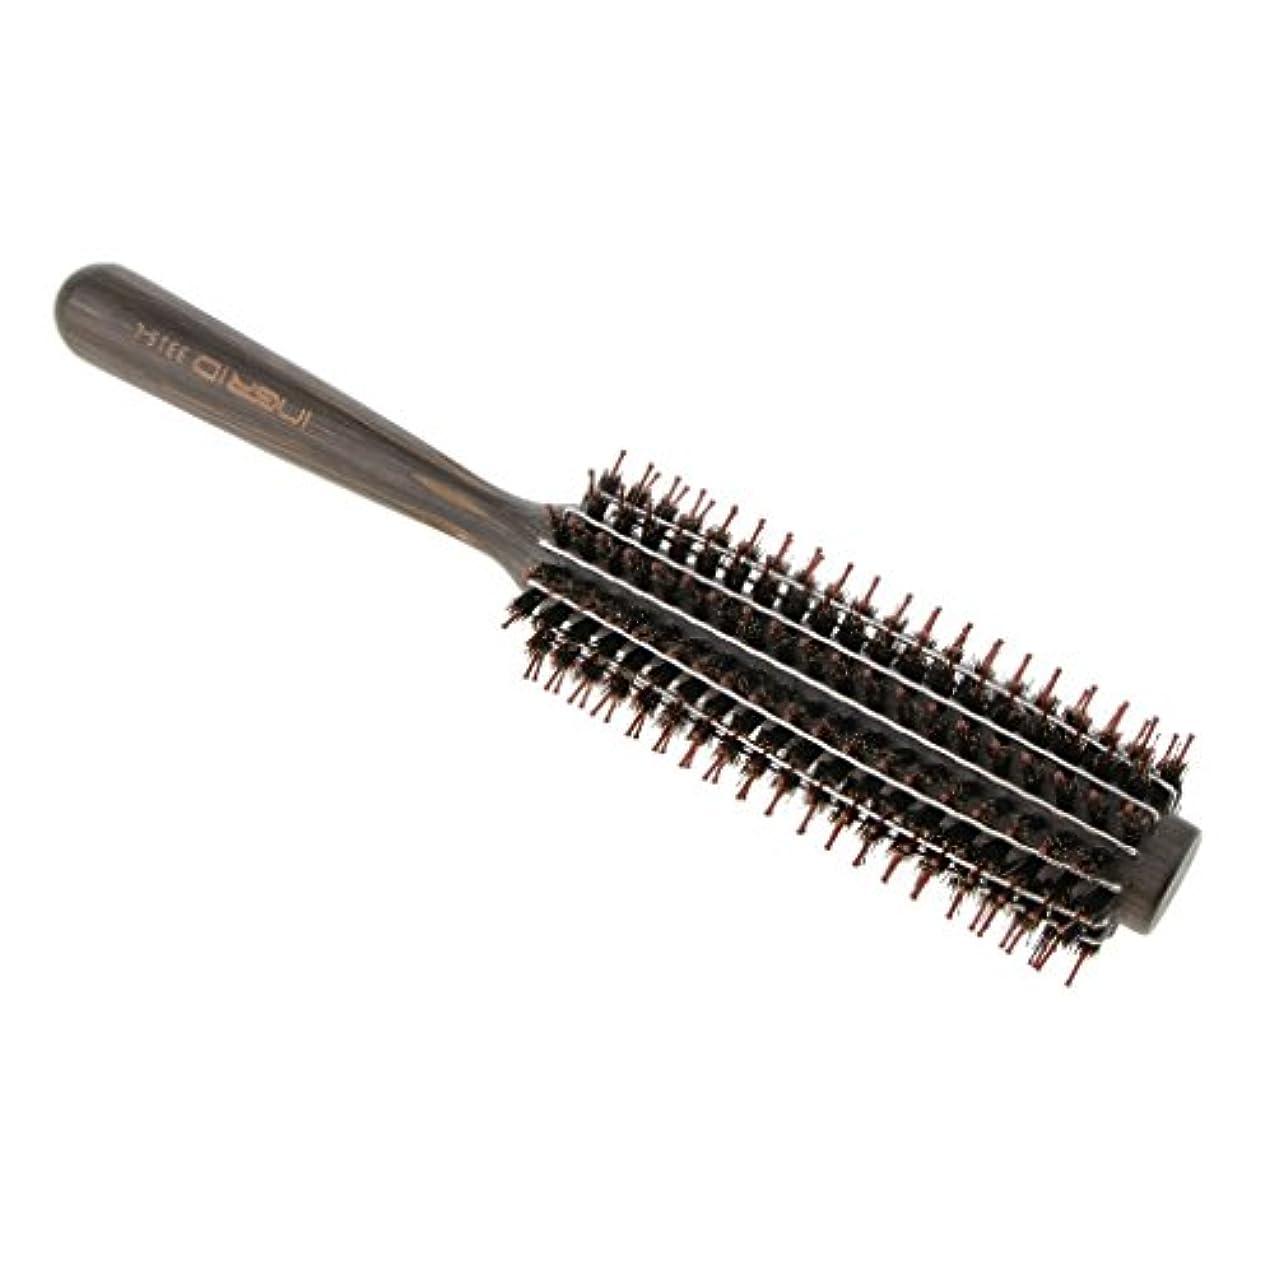 疲れた入学するチャンバーPerfk ロールブラシ ヘアブラシ カール 巻き髪  ヘアコーム 3サイズ選べる  - L